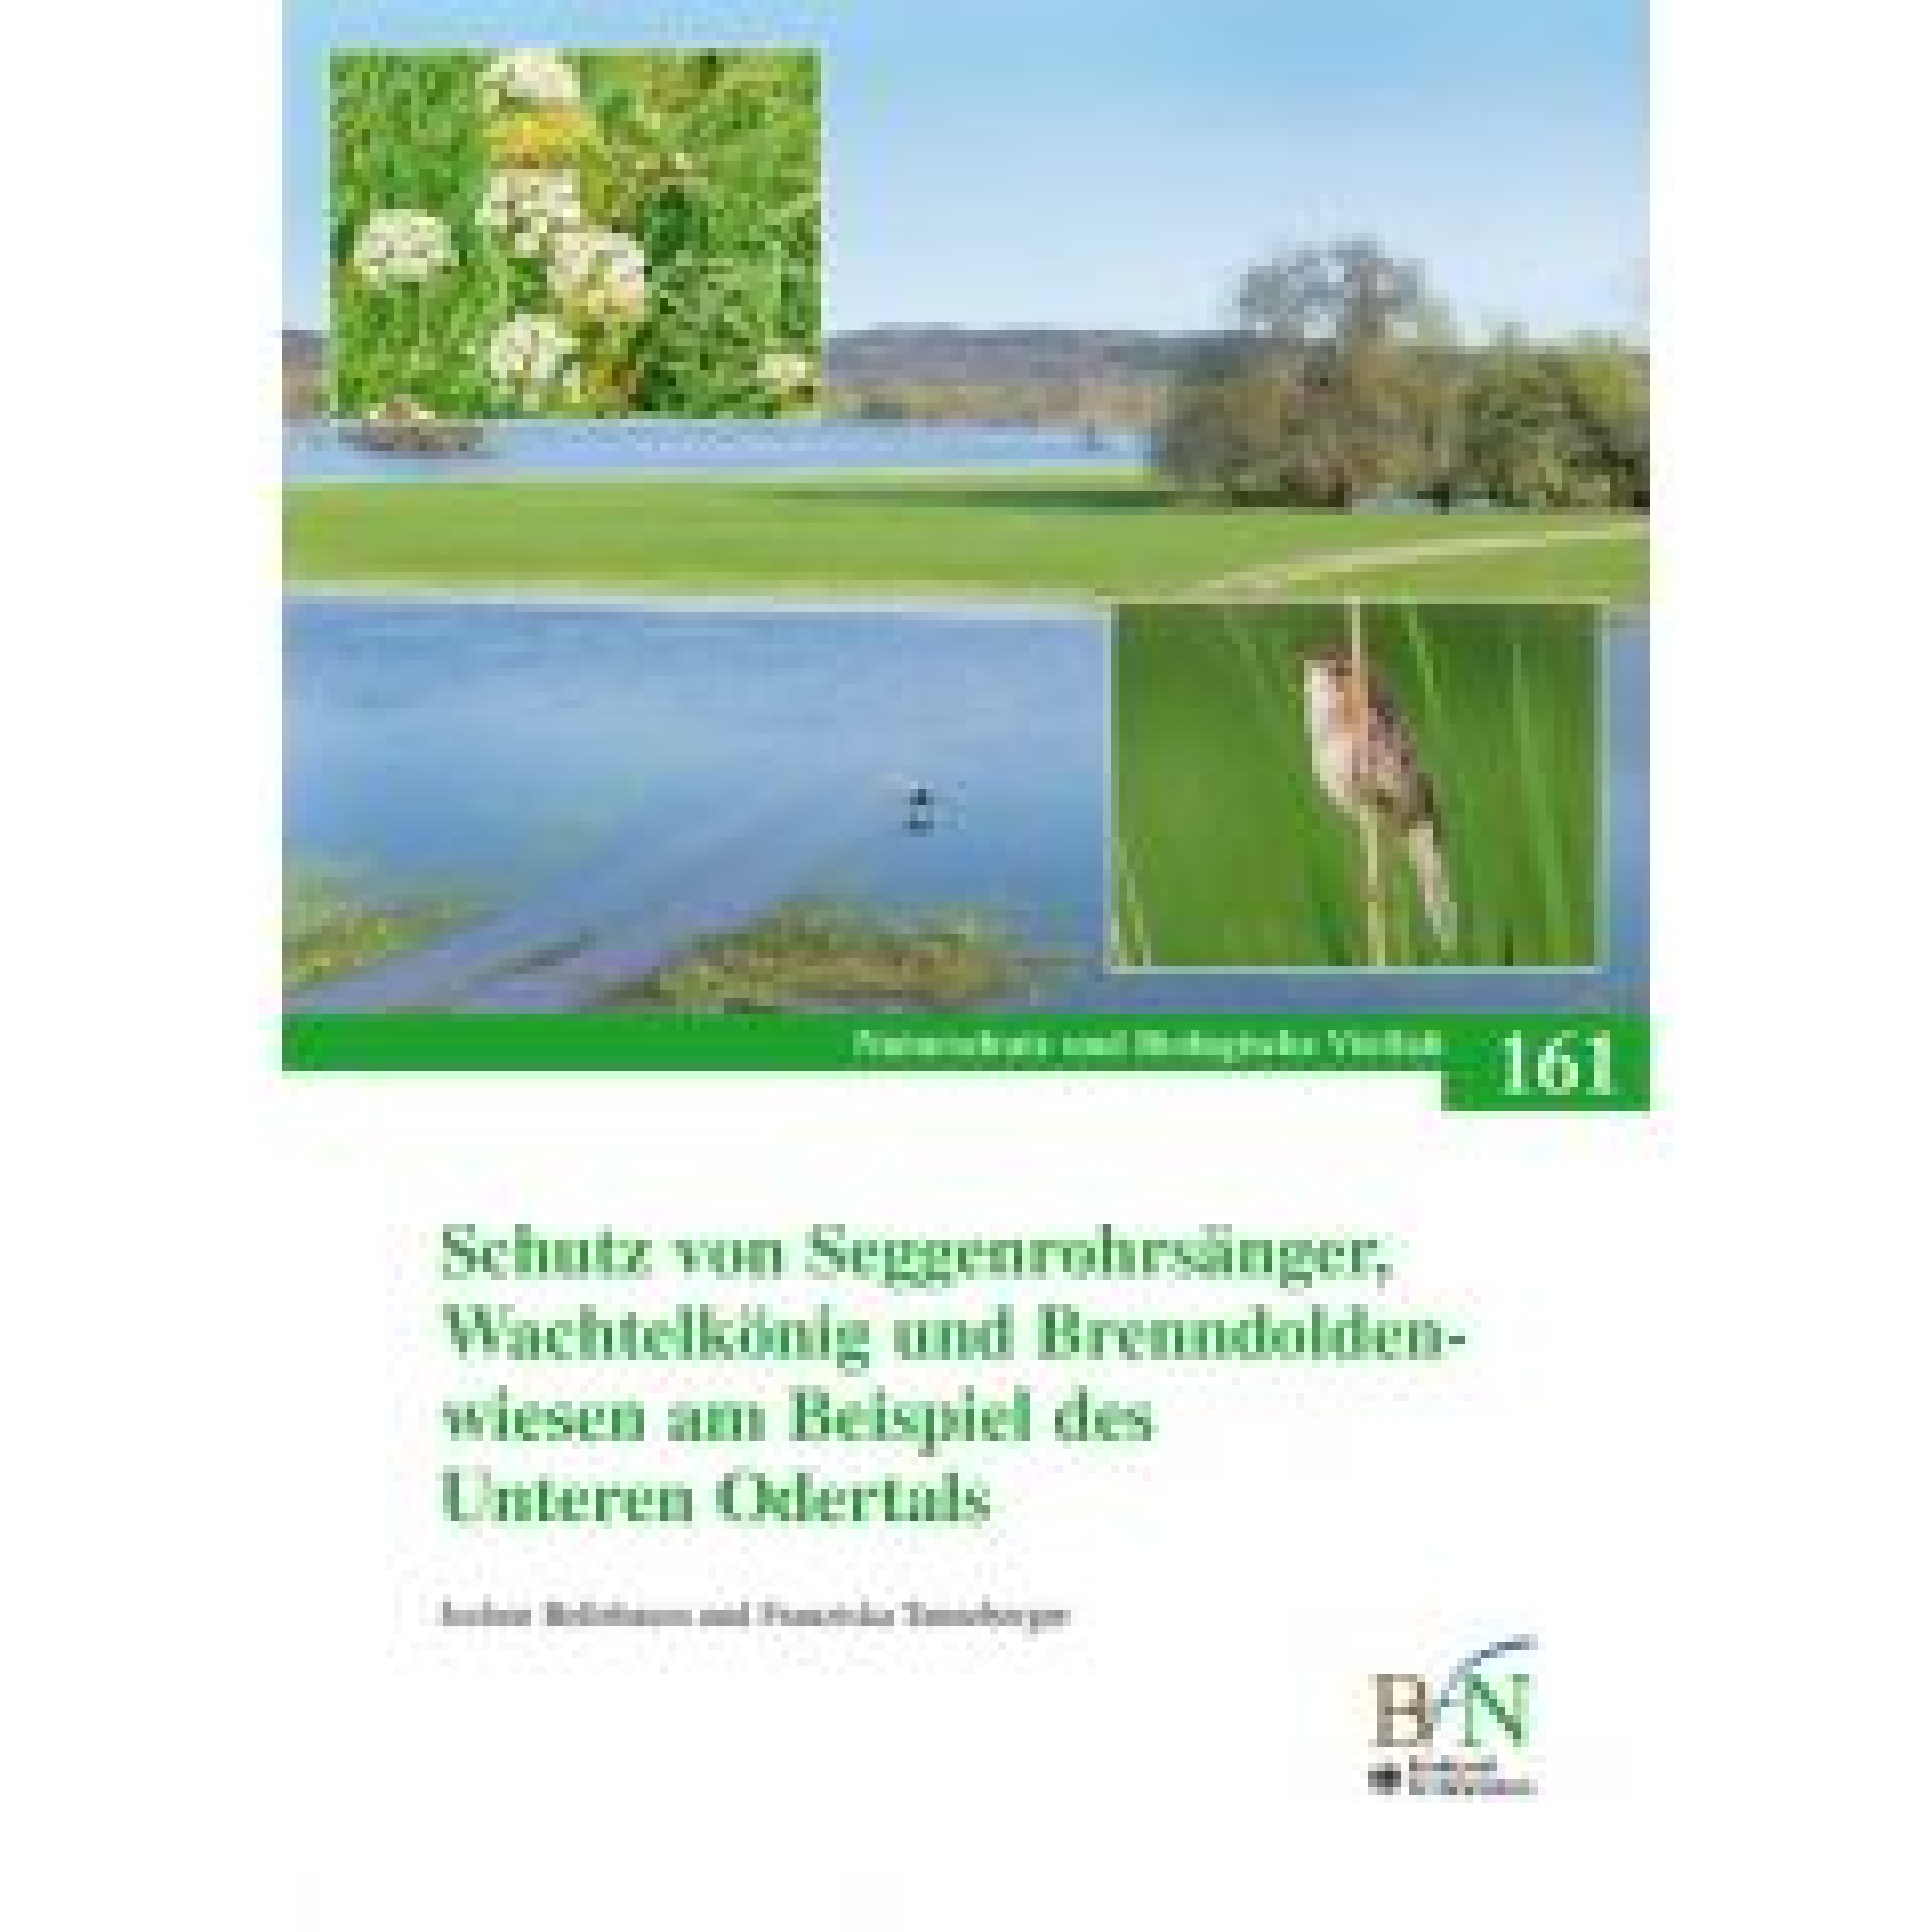 NaBiV Heft 161: Schutz von Seggenrohrsänger, Wachtelkönig und Brenndoldenwiesen am Beispiel des Unteren Odertals